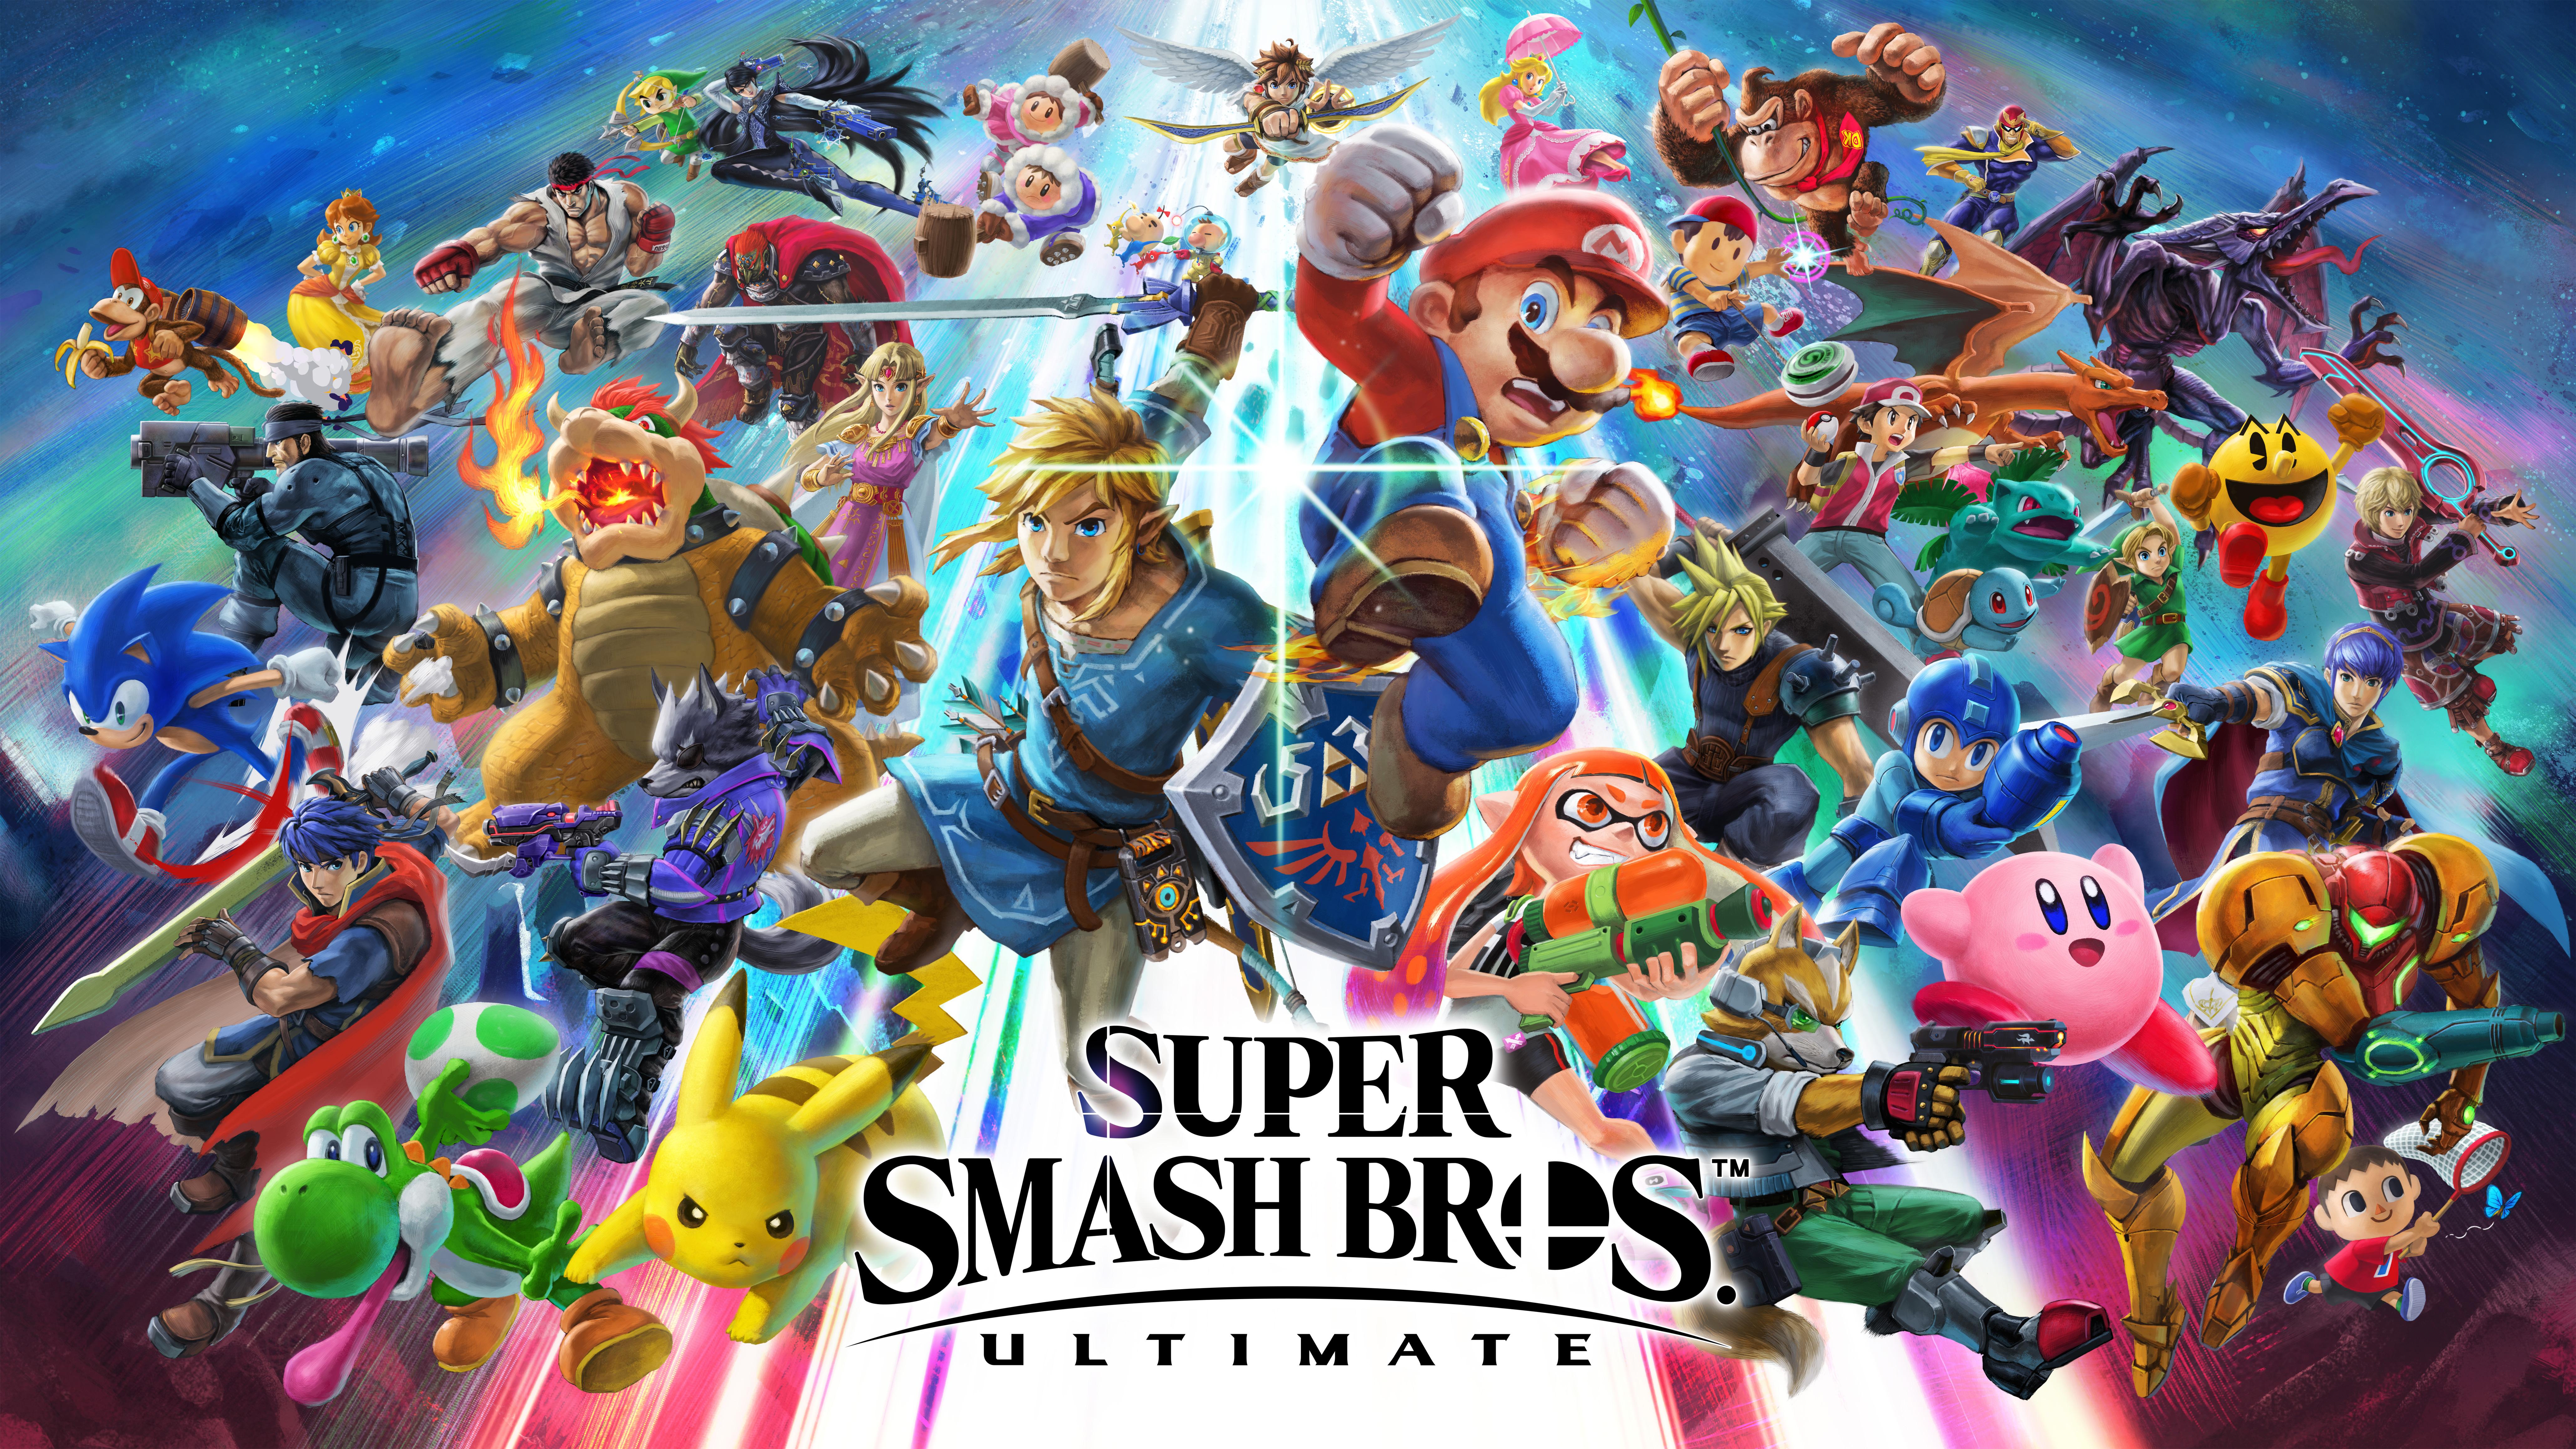 Fondos de pantalla Super Smash Bros Ultimate 8k